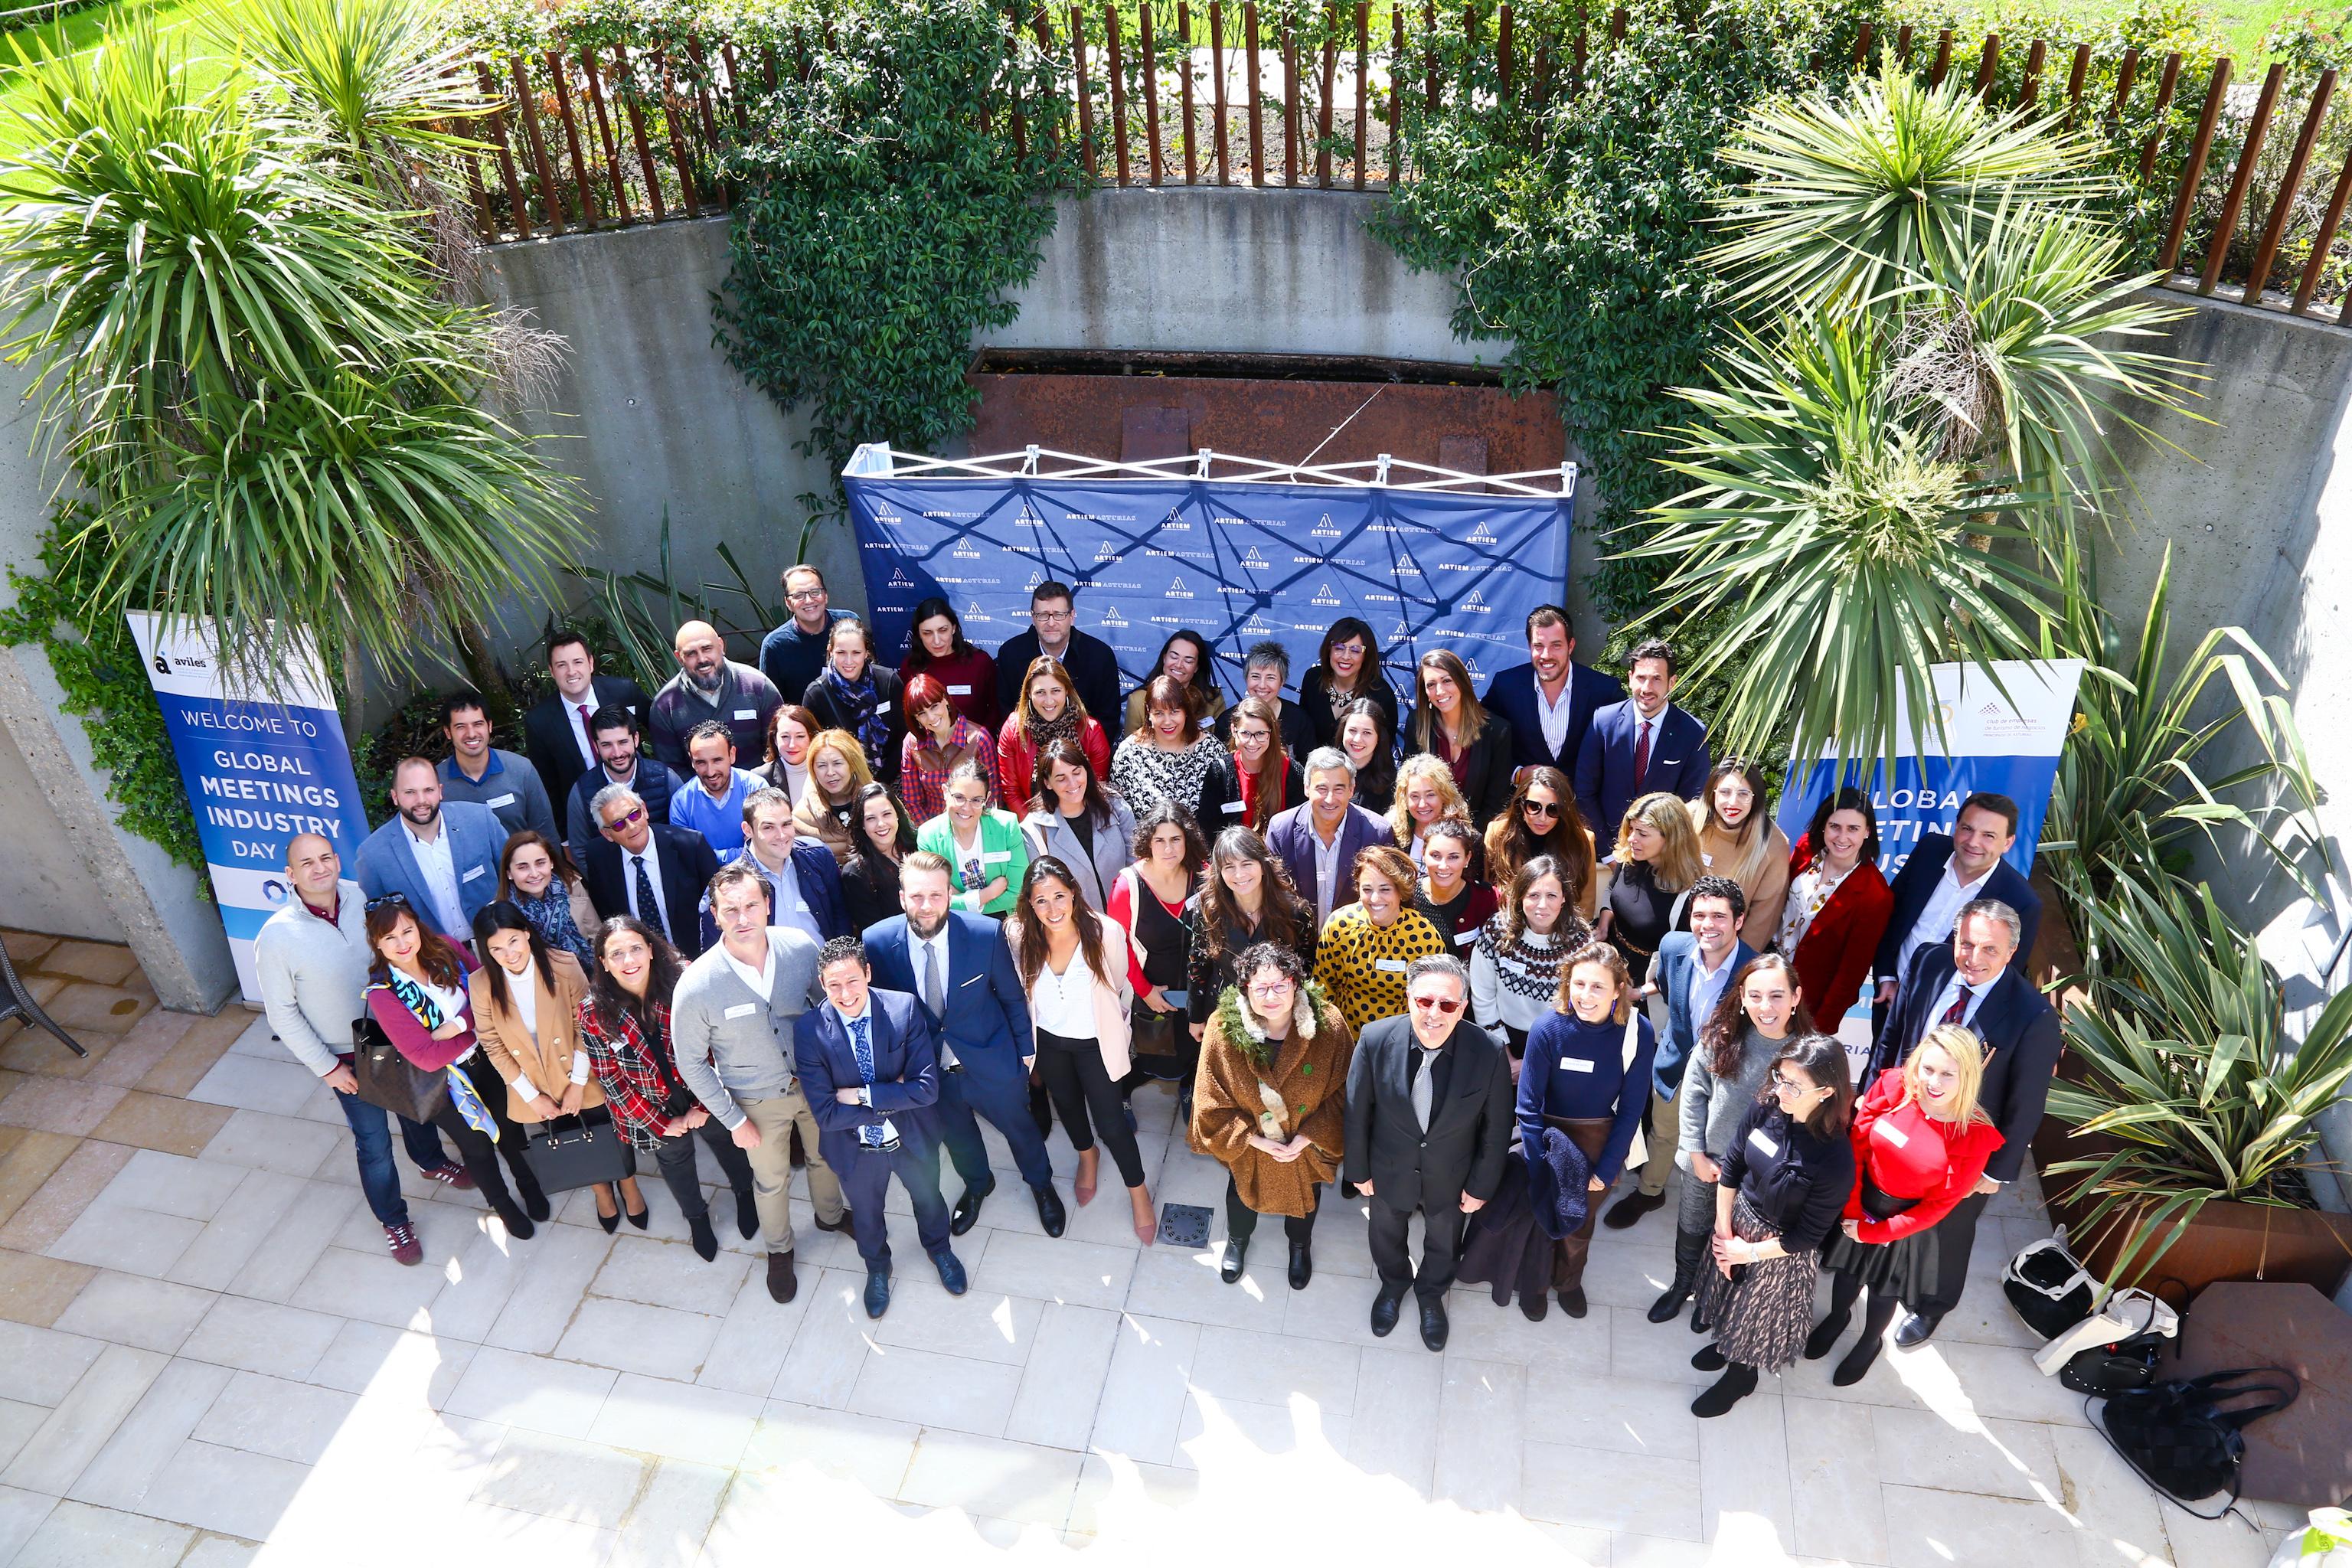 CELEBRACIÓN EN ASTURIAS DEL GLOBAL MEETINGS INDUSTRY DAY 2019